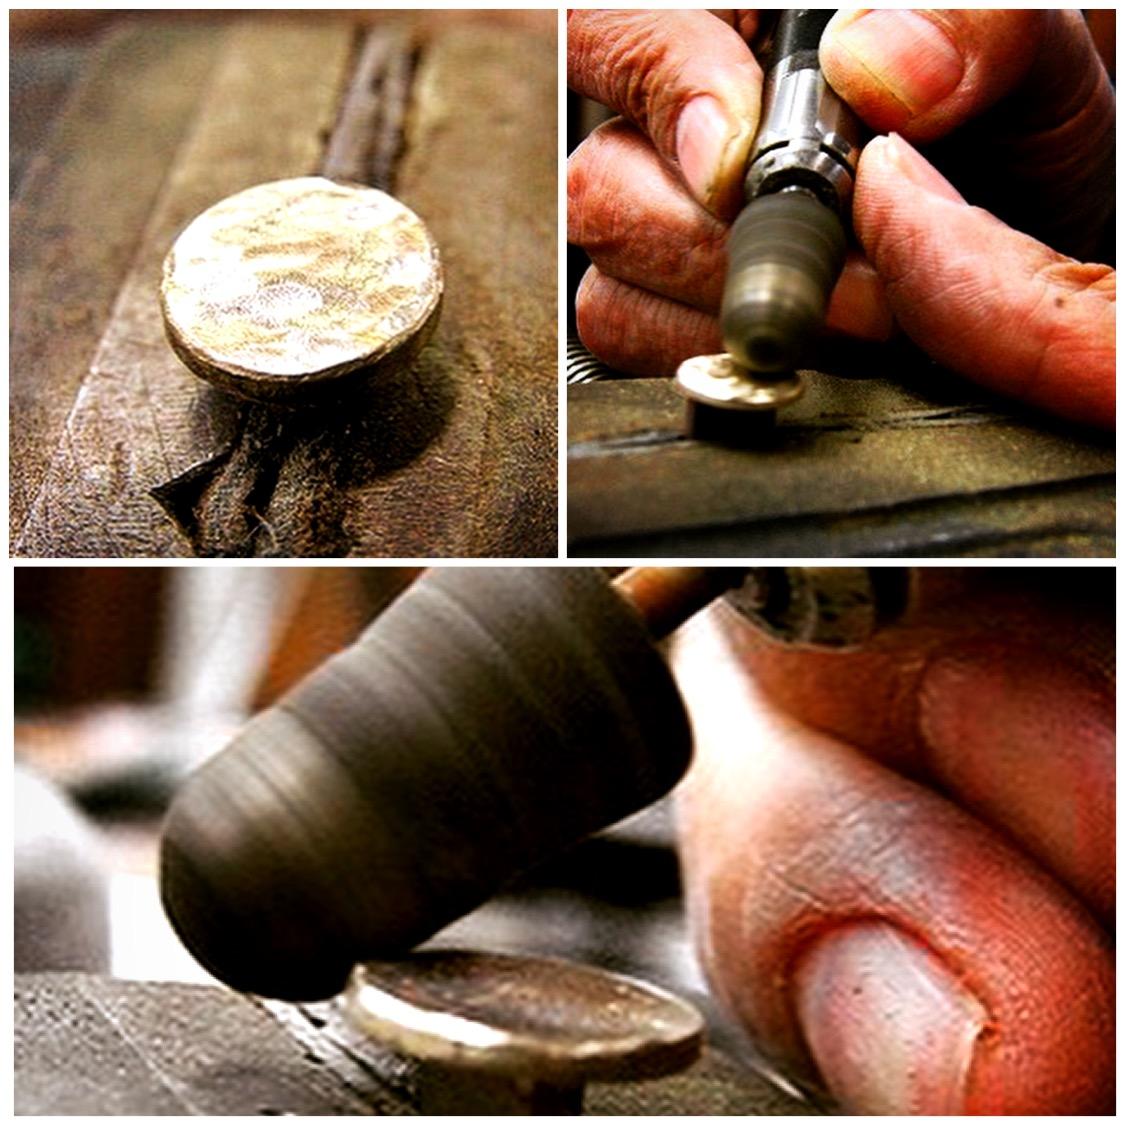 国内、海外、業種をを問わずオリジナルのボタン、カシメ、ホックを作成したい、ジッパーやチャーム、ネームプレート、看板、缶バッジなどのアクセサリーやバックル、キーホルダー、靴べらなどの金属製小物にオリジナルのロゴやモチーフを入れた金具を作成したいなど、オリジナル、特注金具作成に関してのご相談多くを頂きます。